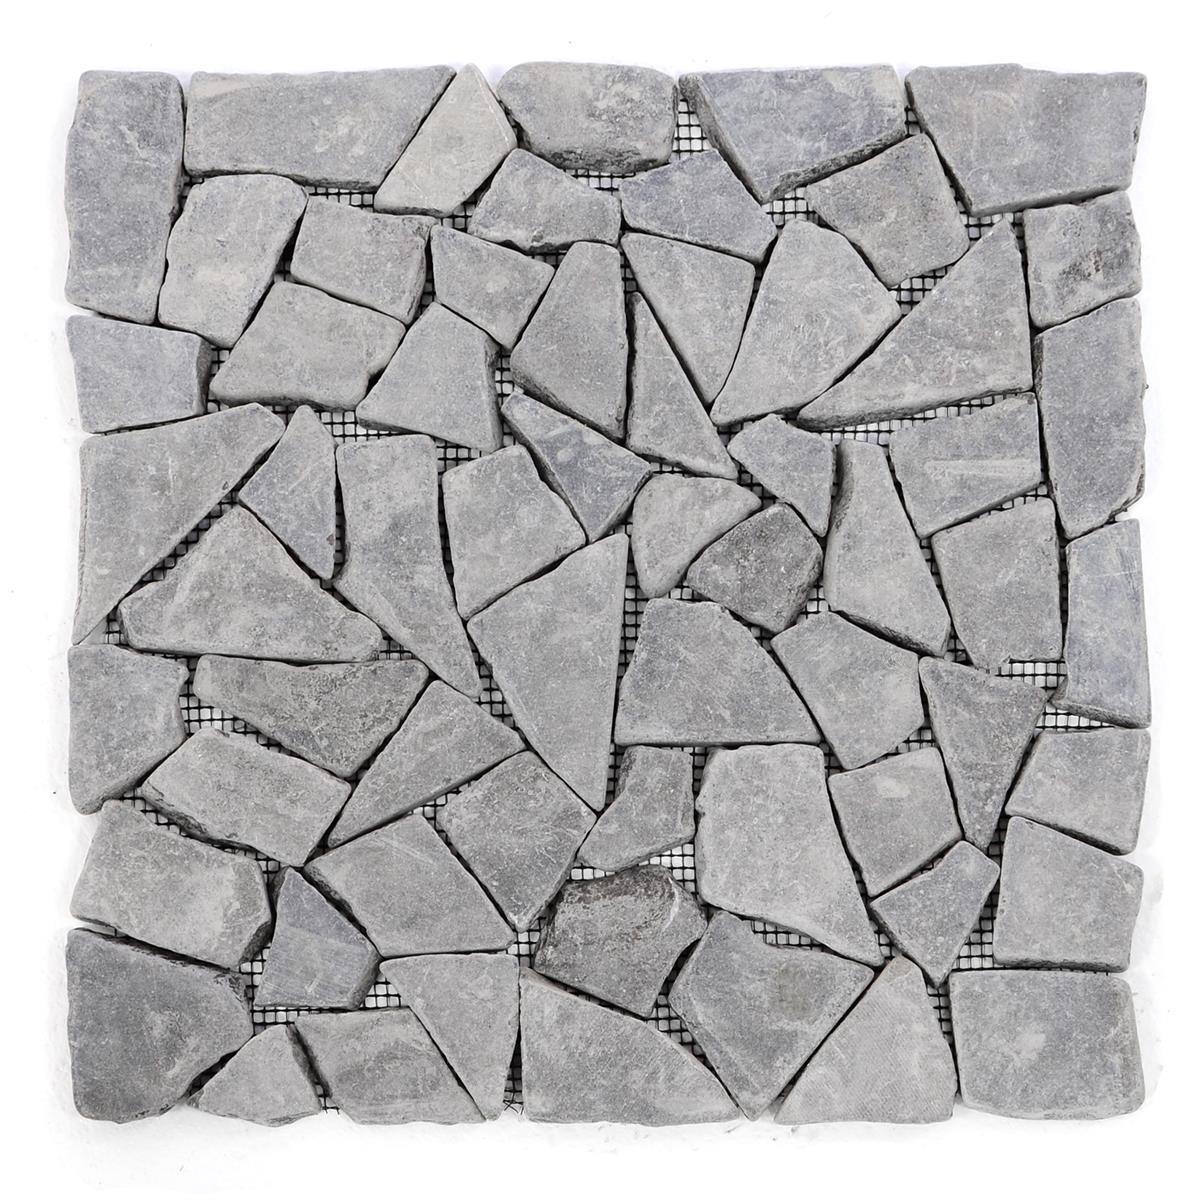 Marmormosaik Mosaikfliese anthrazit /& weiß mit kleinen Steinchen